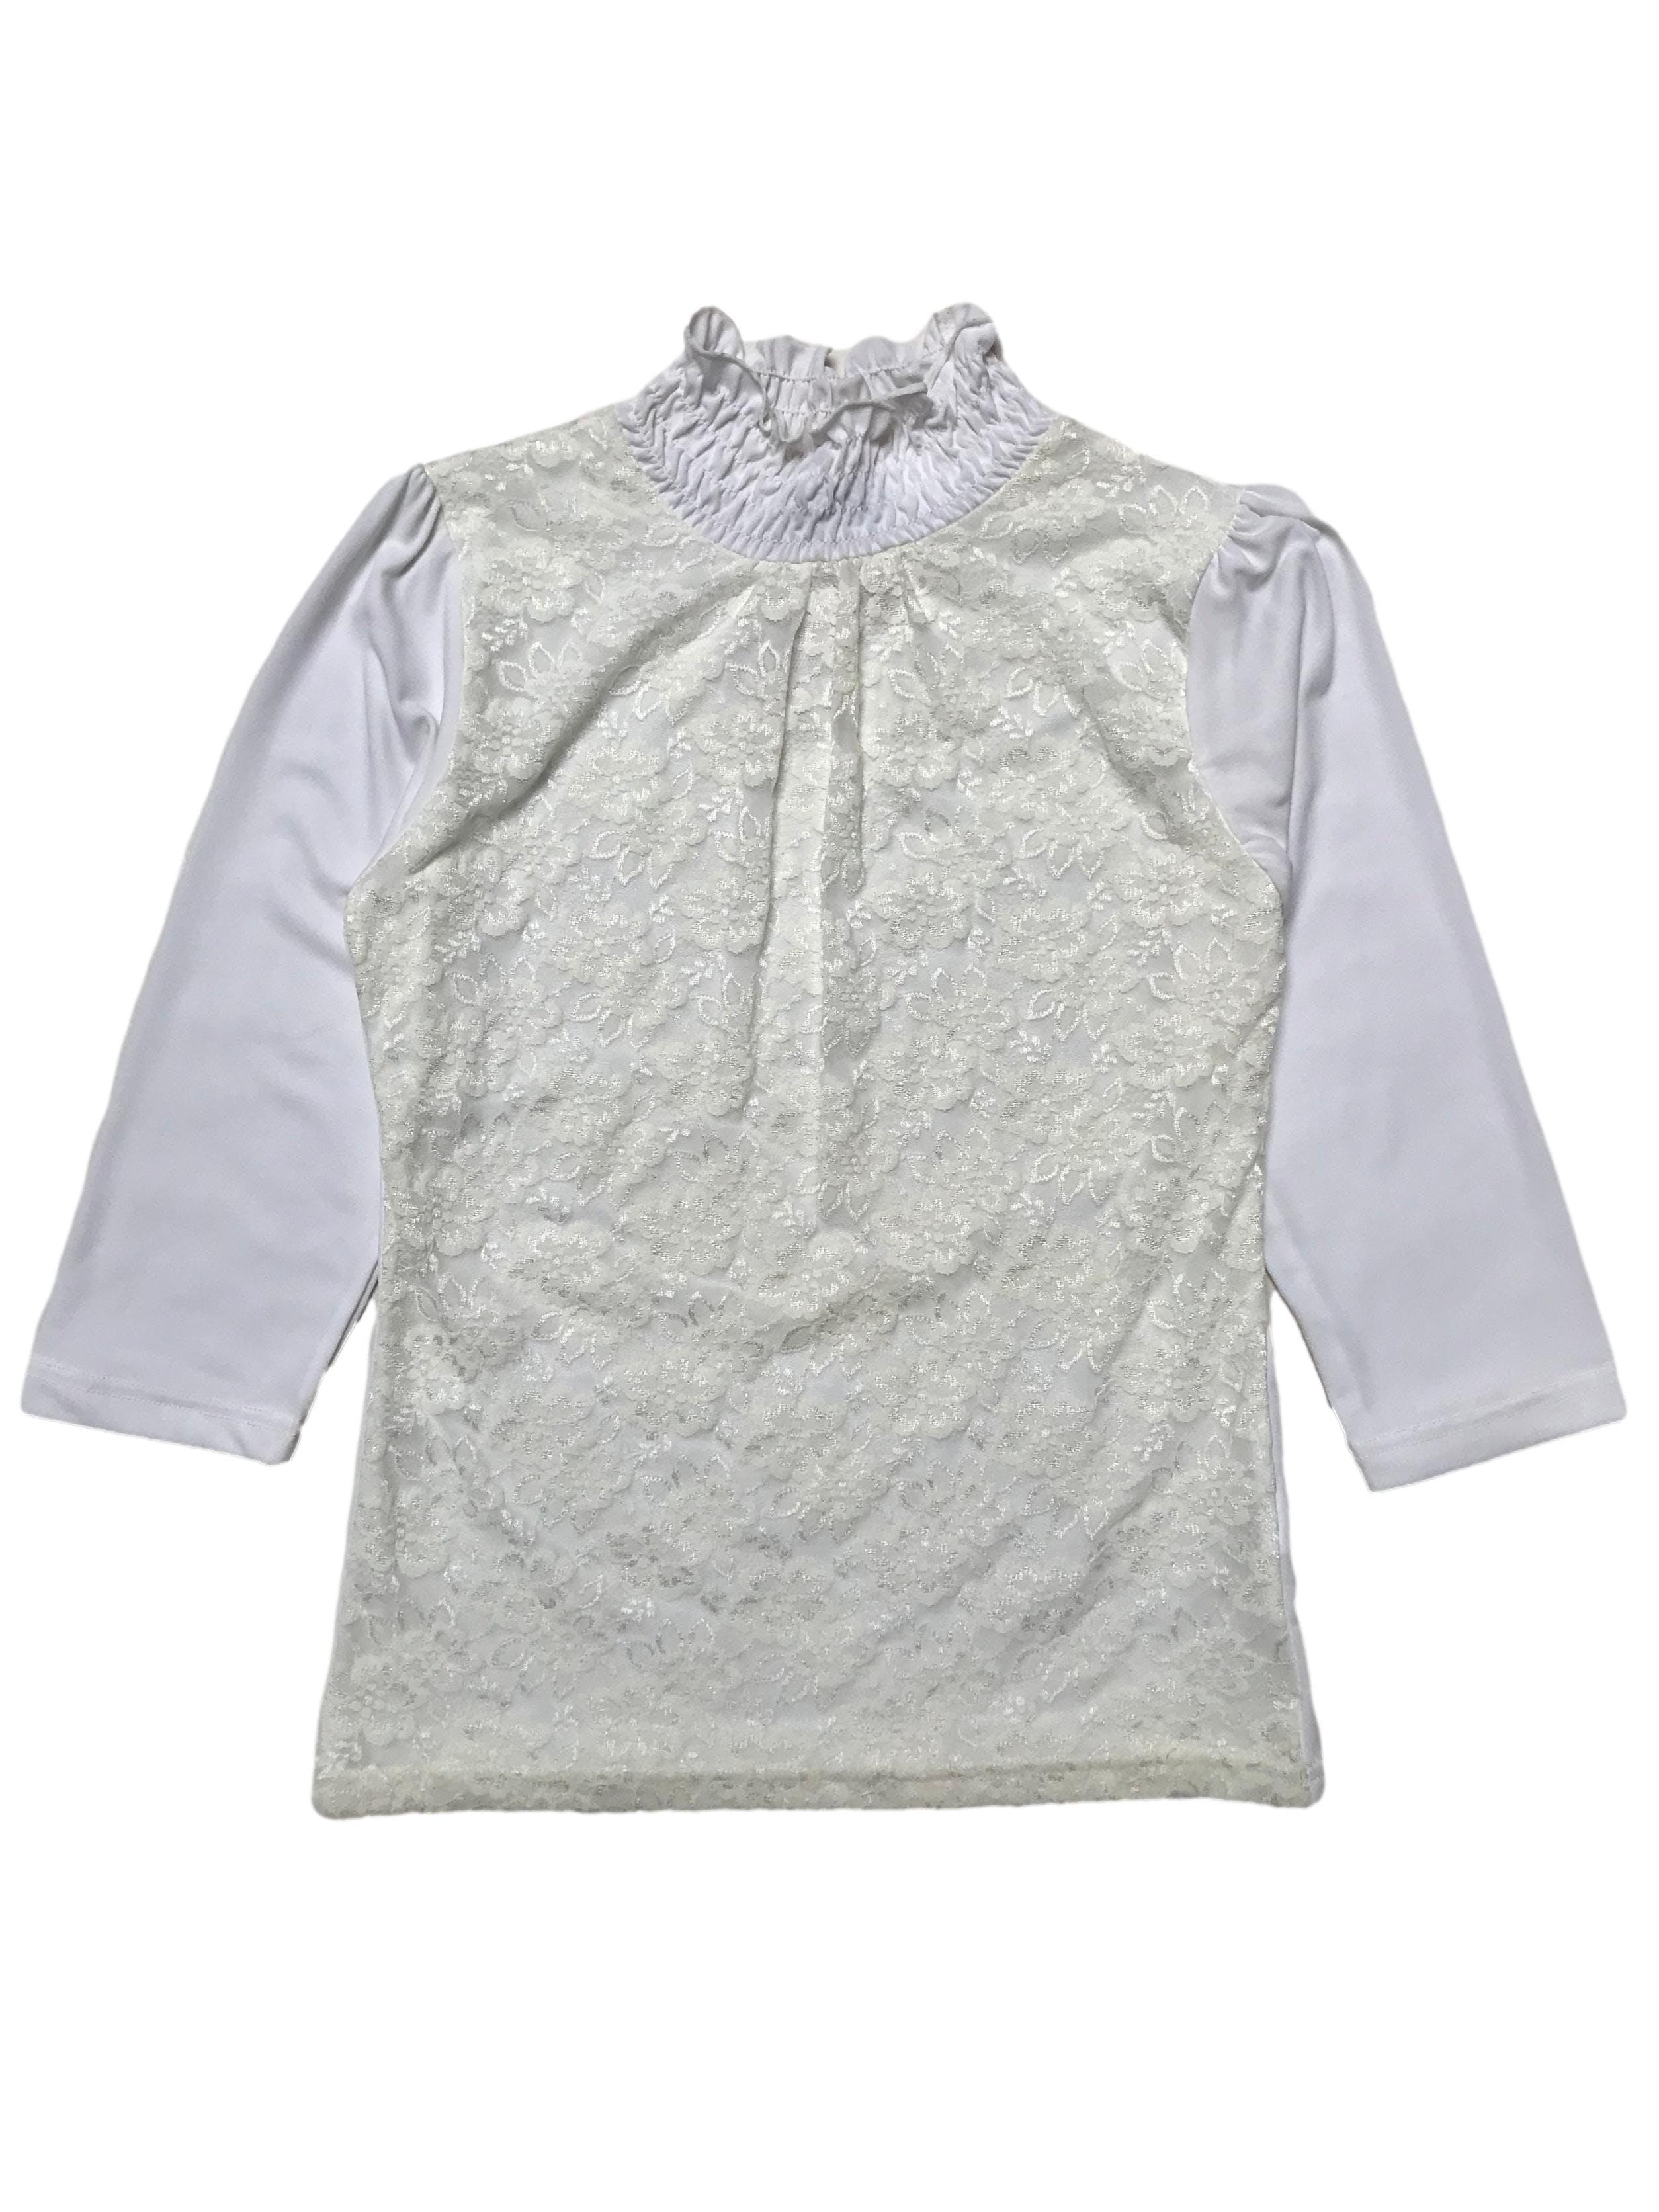 Blusa de lycra crema con delantero de encaje forrado, cuello alto y manga 3/4. Largo 55cm